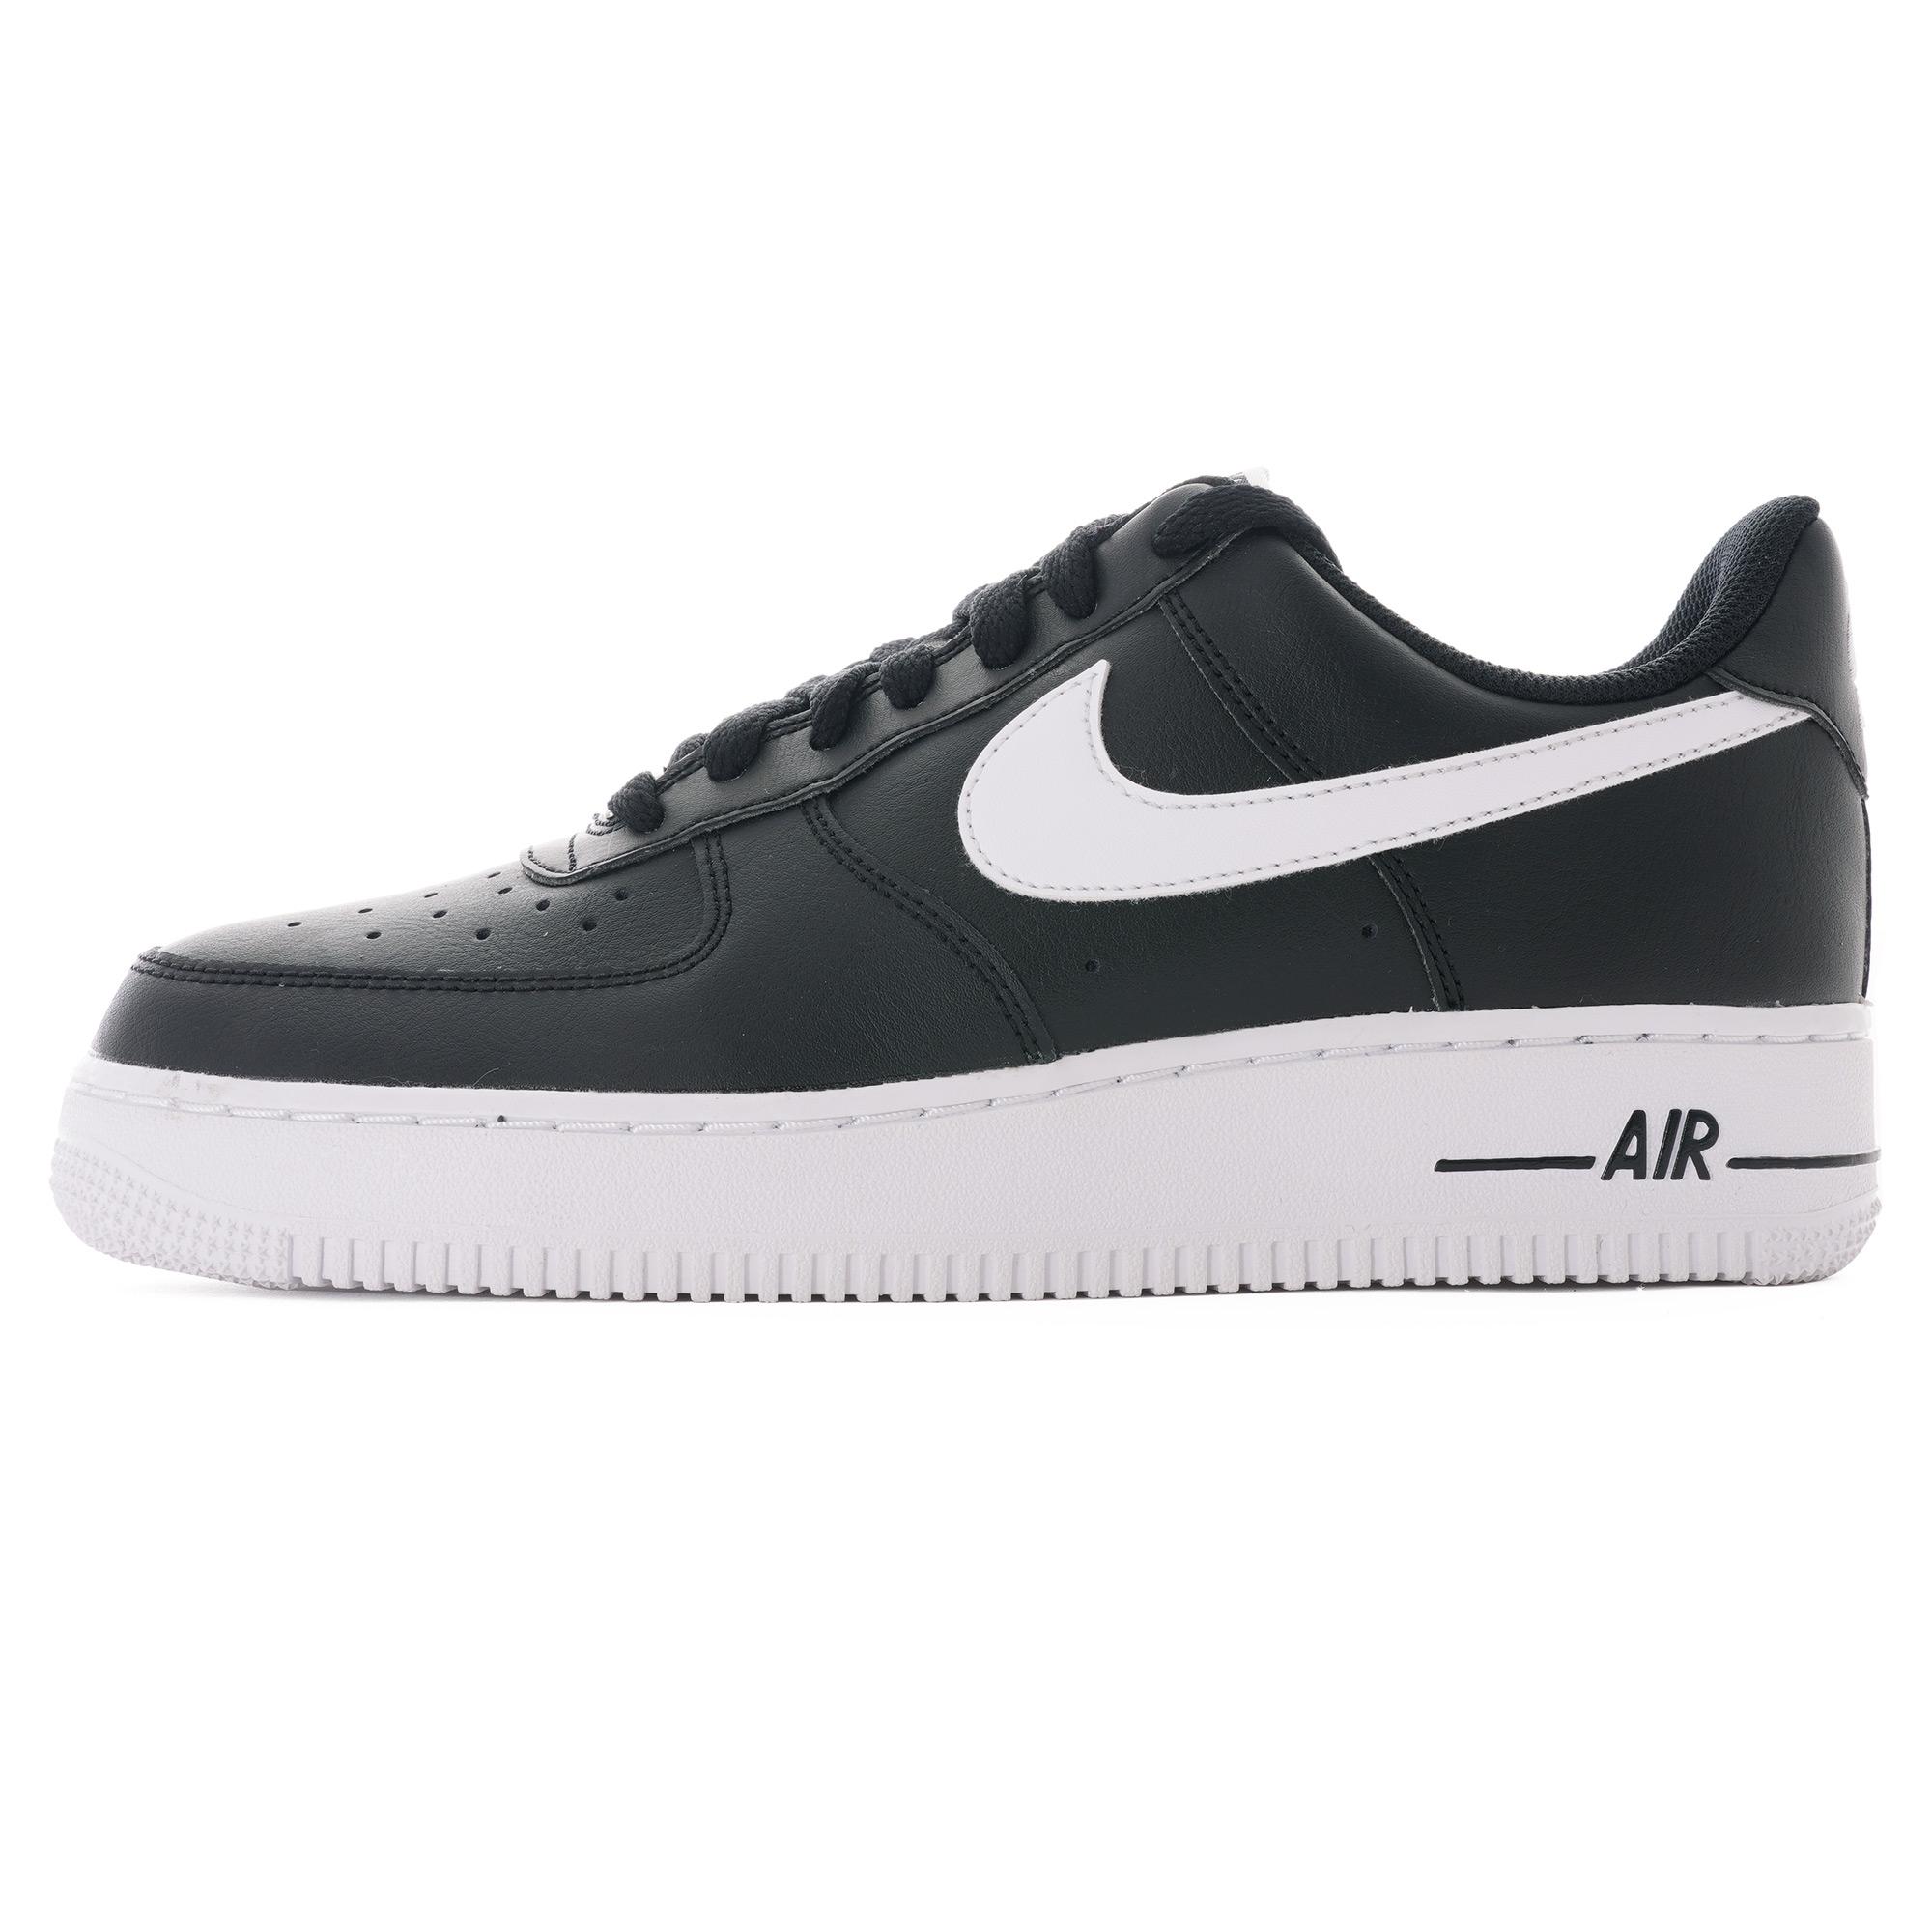 Manhattan calcetines Aparecer  Nike Air Force 1 '07 AN20 | Black/White | CJ0952-001